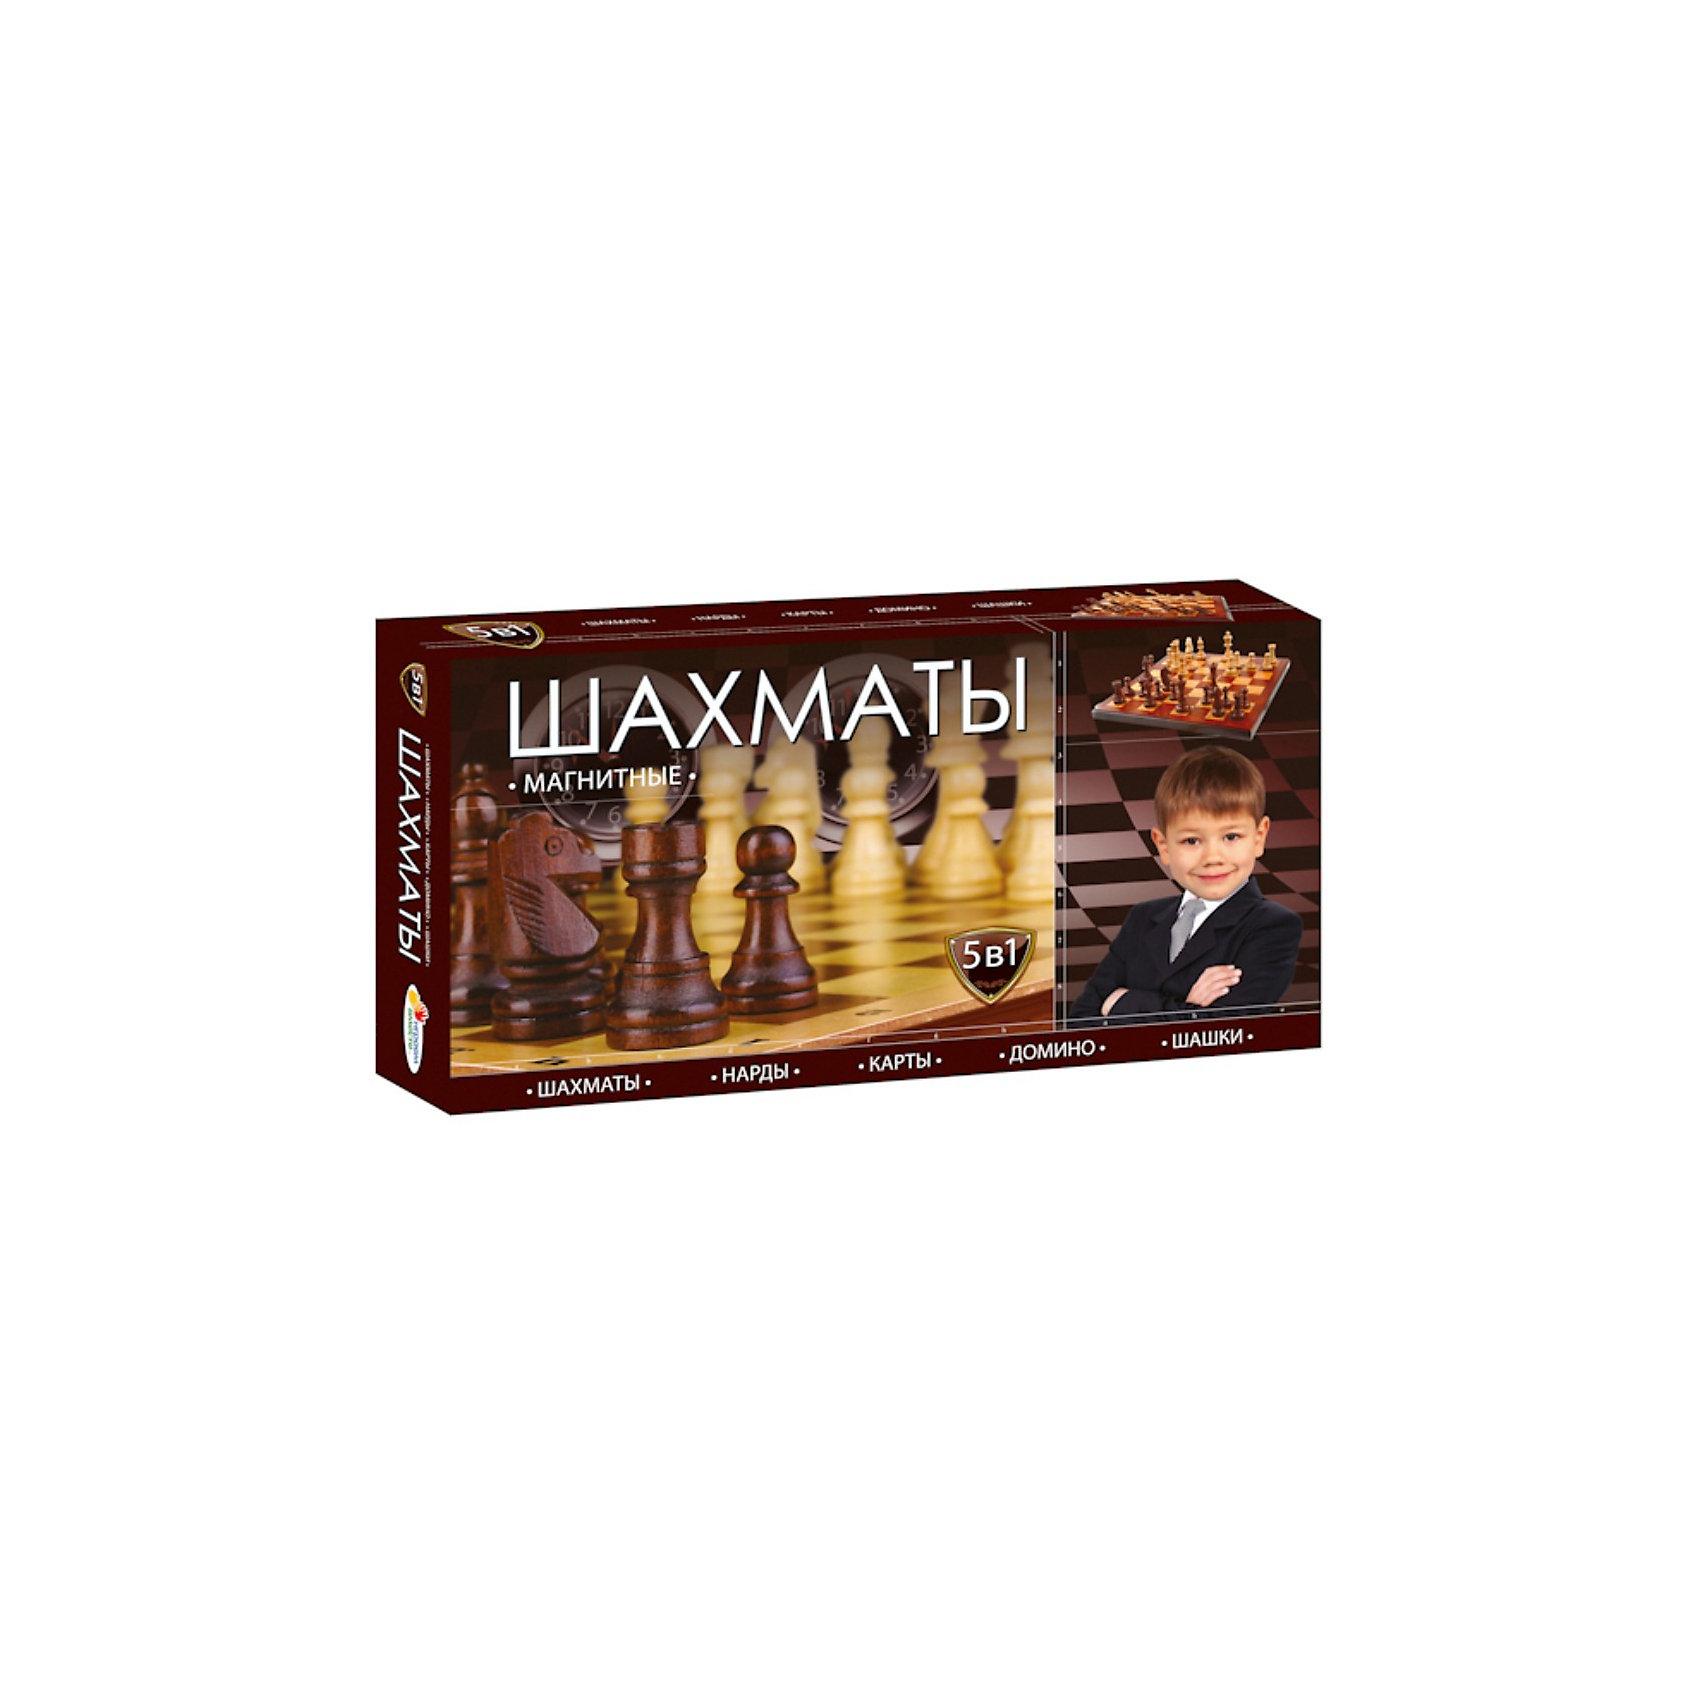 Магнитные шахматы 5-в-1: шахматы, шашки, нарды, карты, домино, Играем вместе